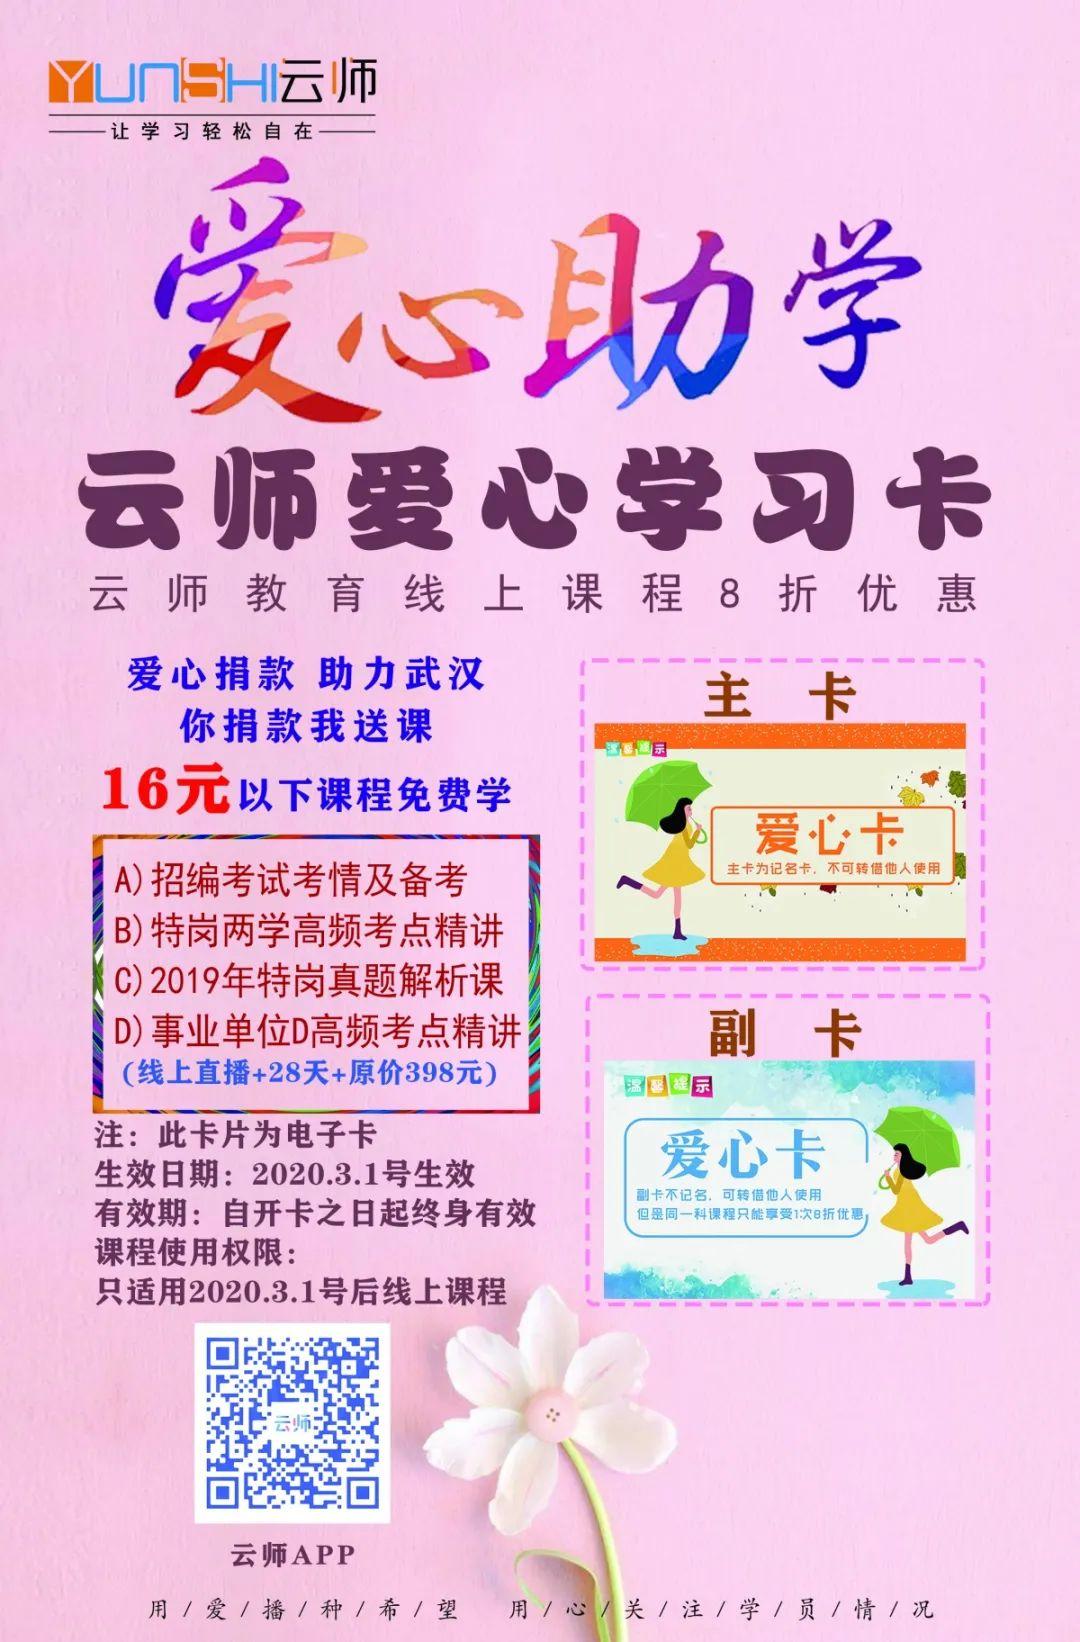 http://store.91yunshi.com/storage/guagua/1080*1642*f0a9430ad514ad581693cdde28341d0a.jpg